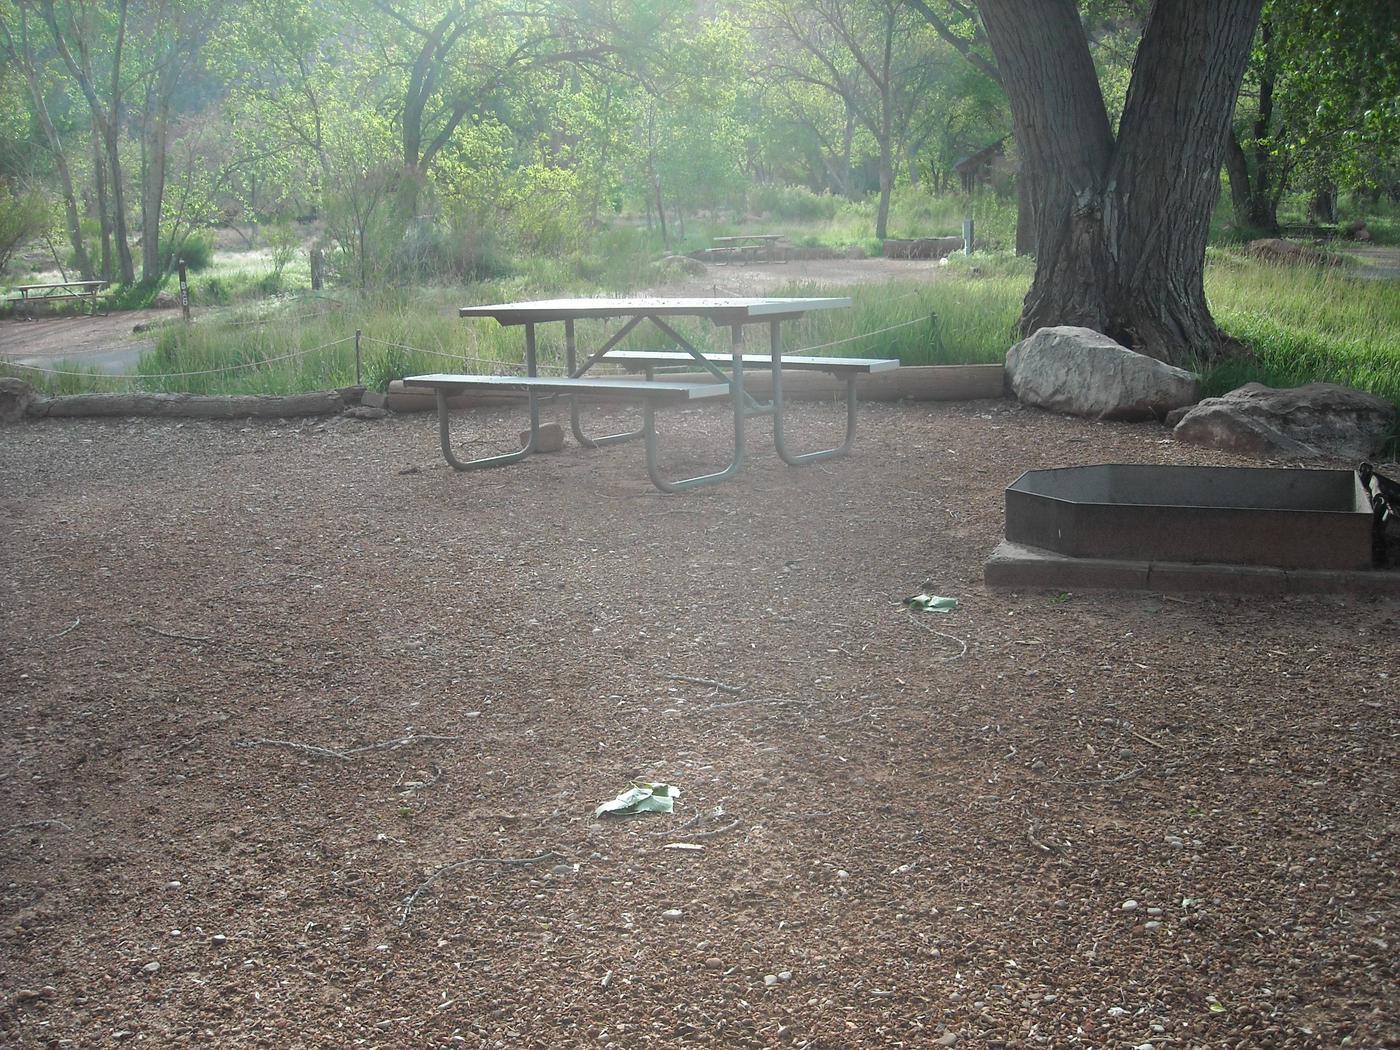 Campsite area 3B25